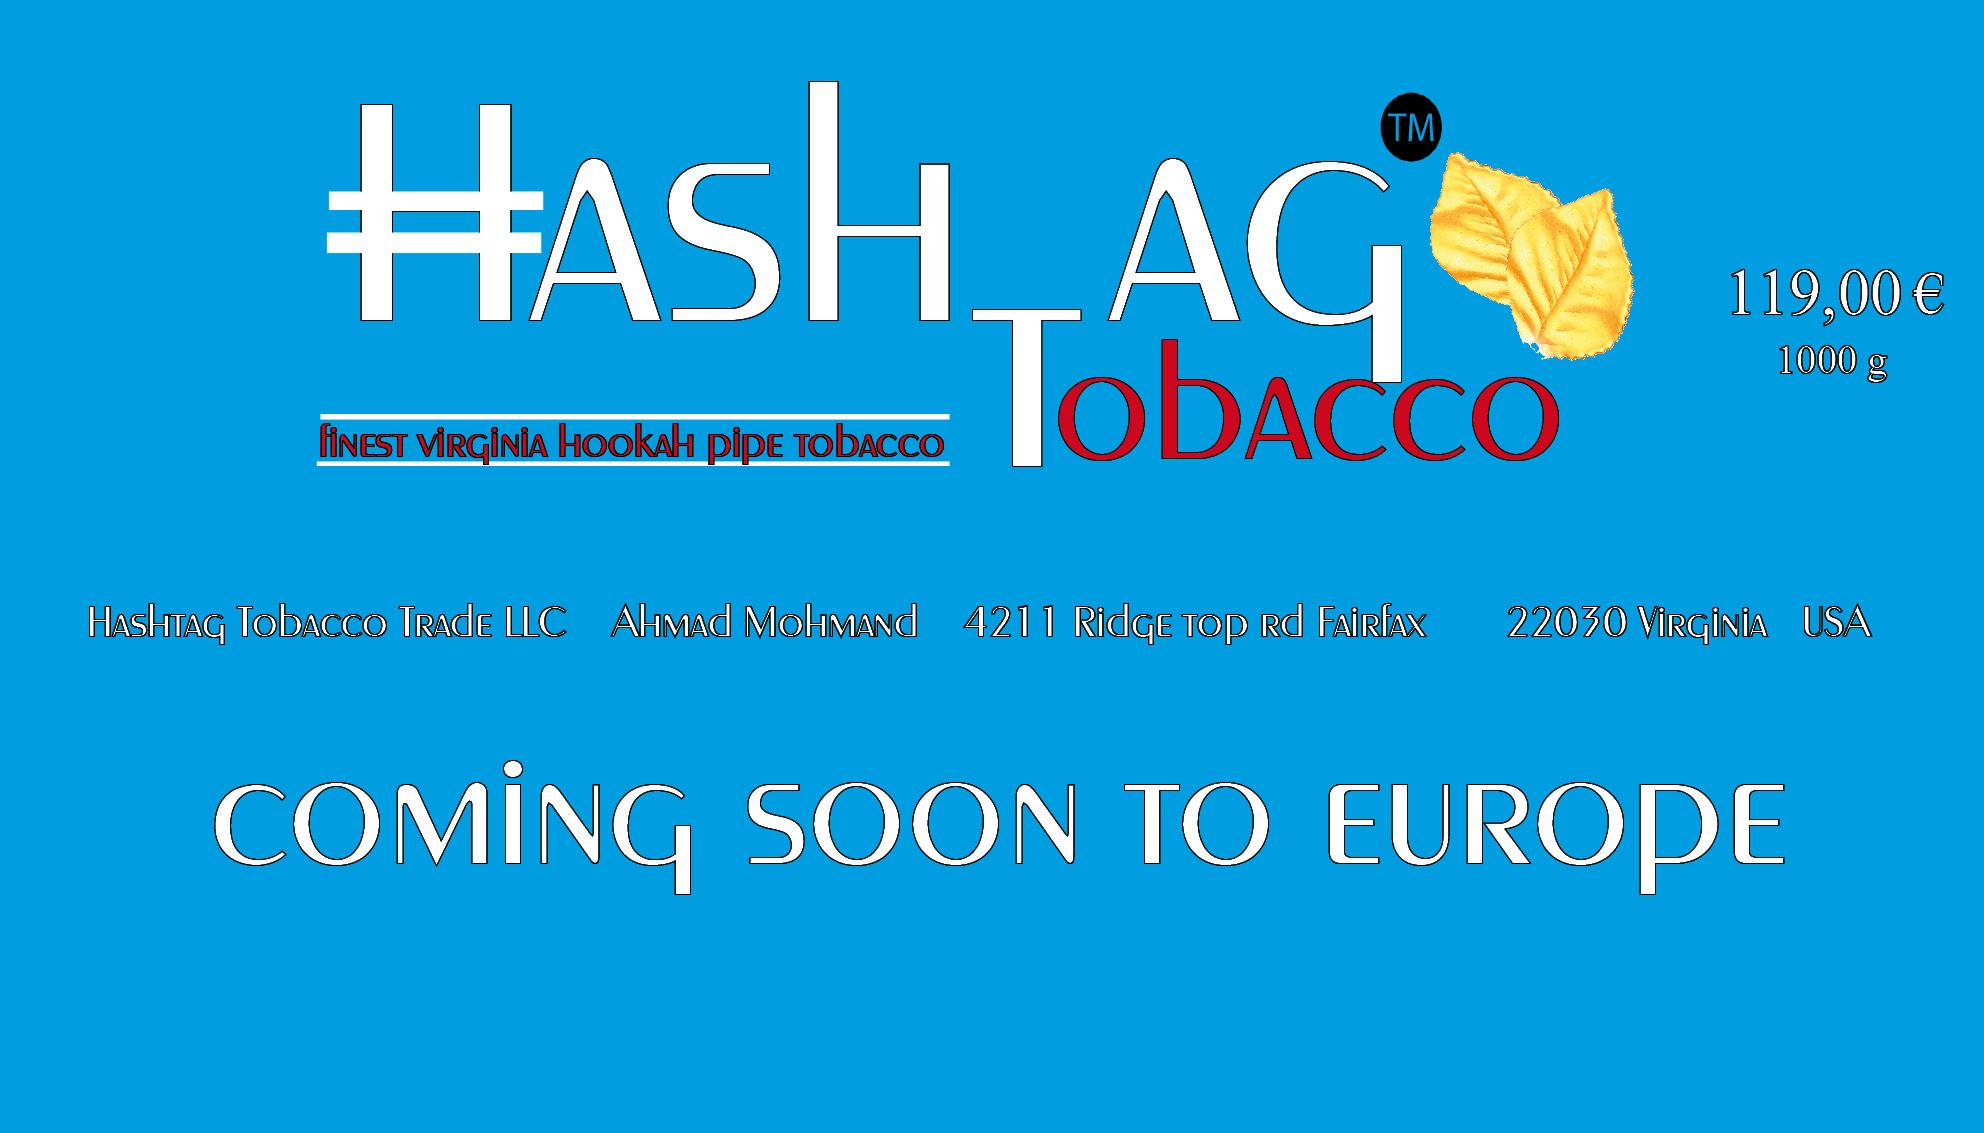 #Hash Tag Tobacco plant den Markteintritt in Europa! Wird es diesen Tabak bald im deutschen Handel geben ?